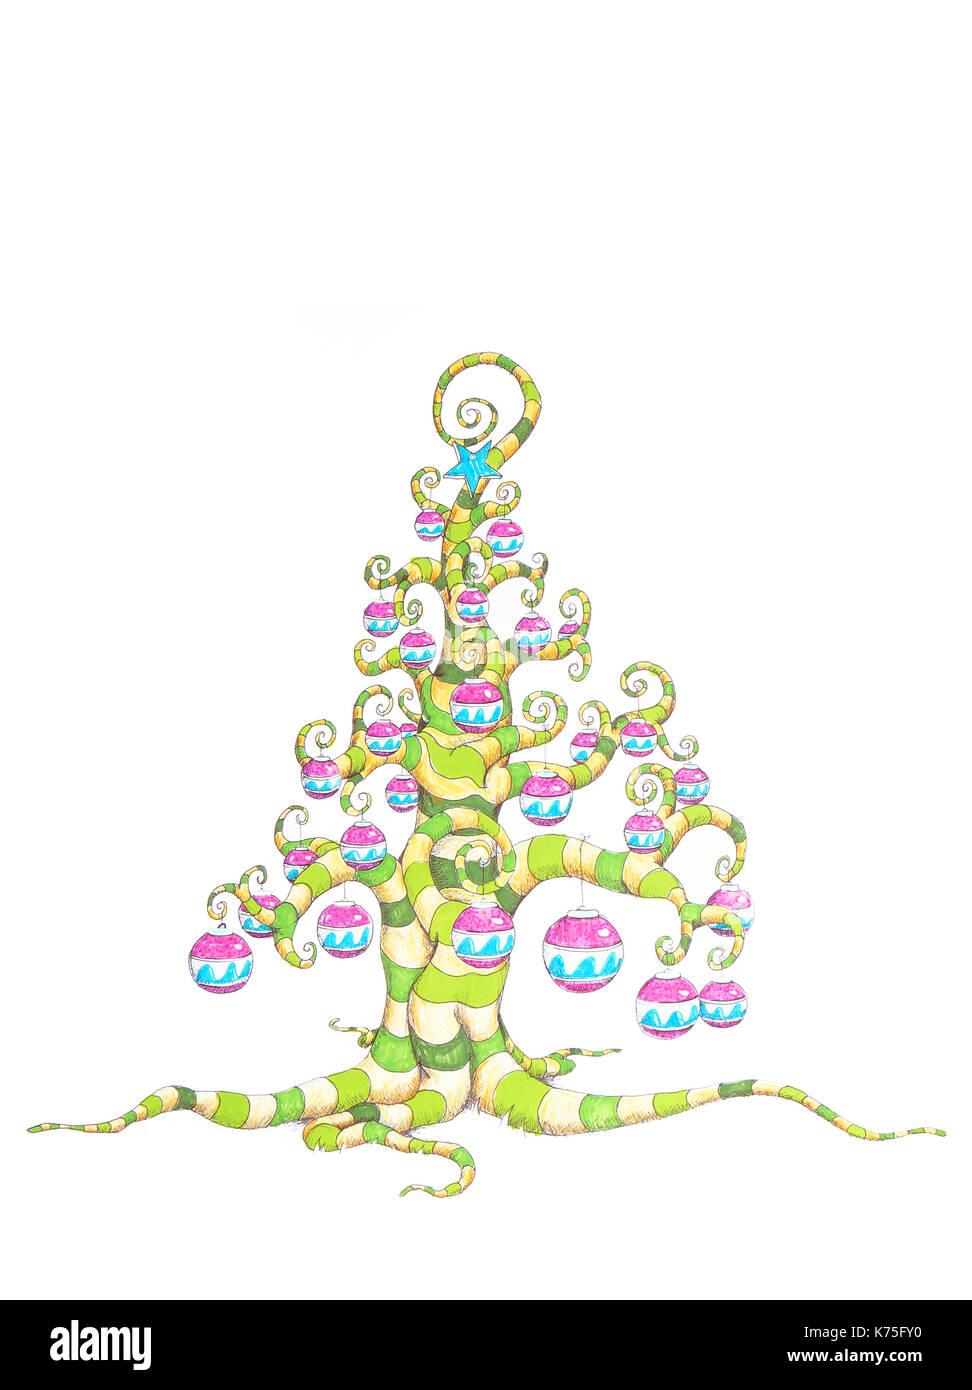 Weihnachtsbaum Comic.Comic Weihnachtsbaum Handgefertigte Abbildung In Buntstift Und